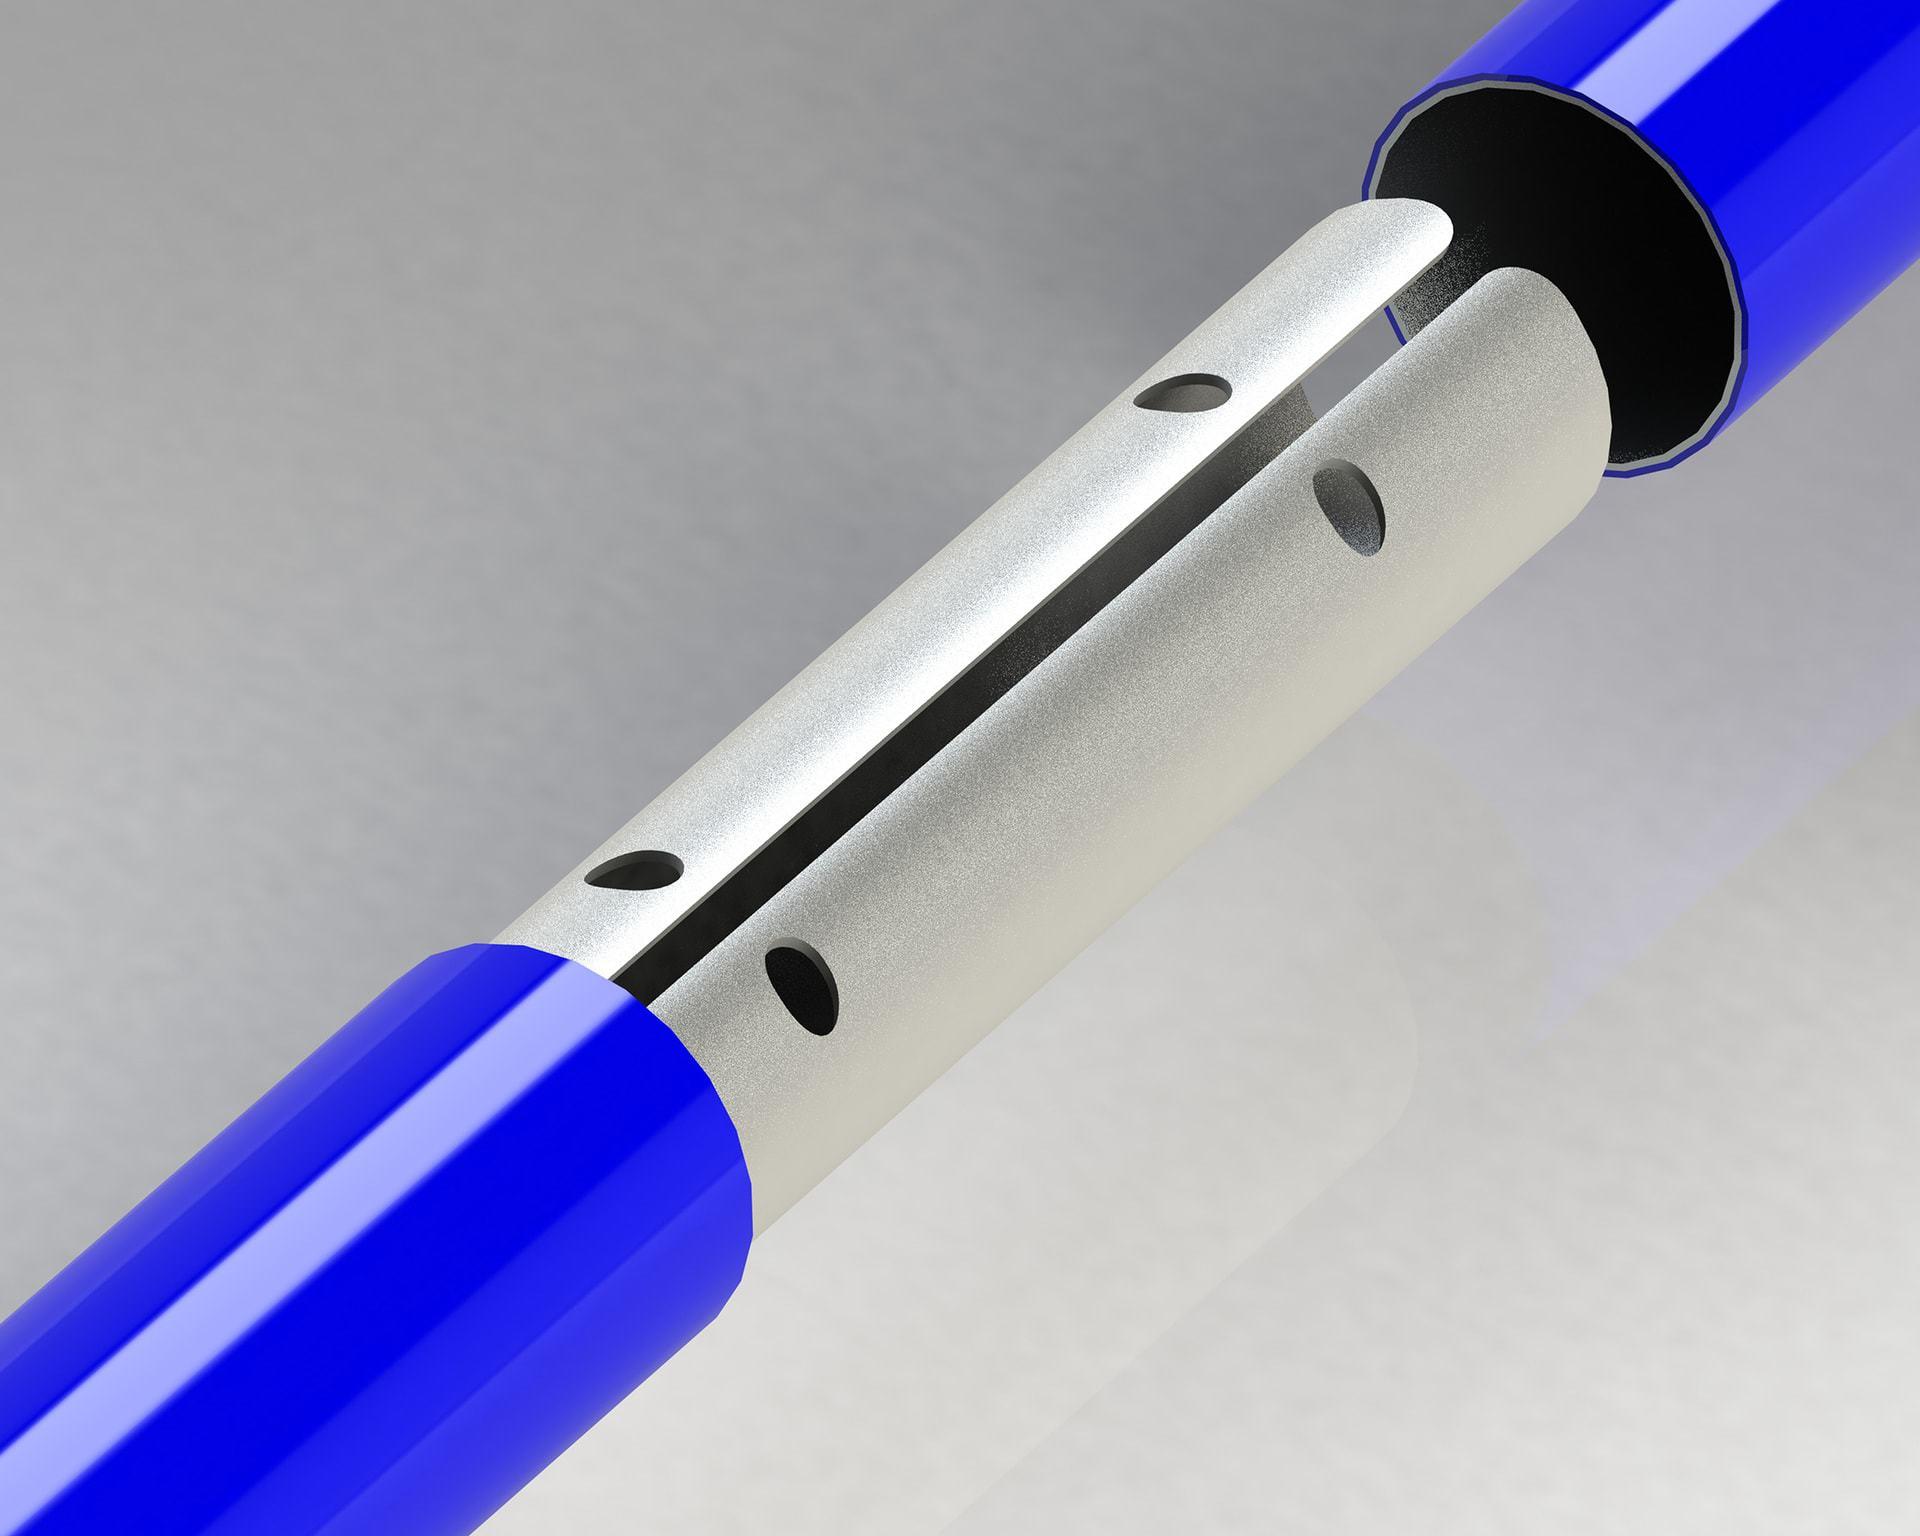 PEK3 Easytube Metal Accessories P-CON-B